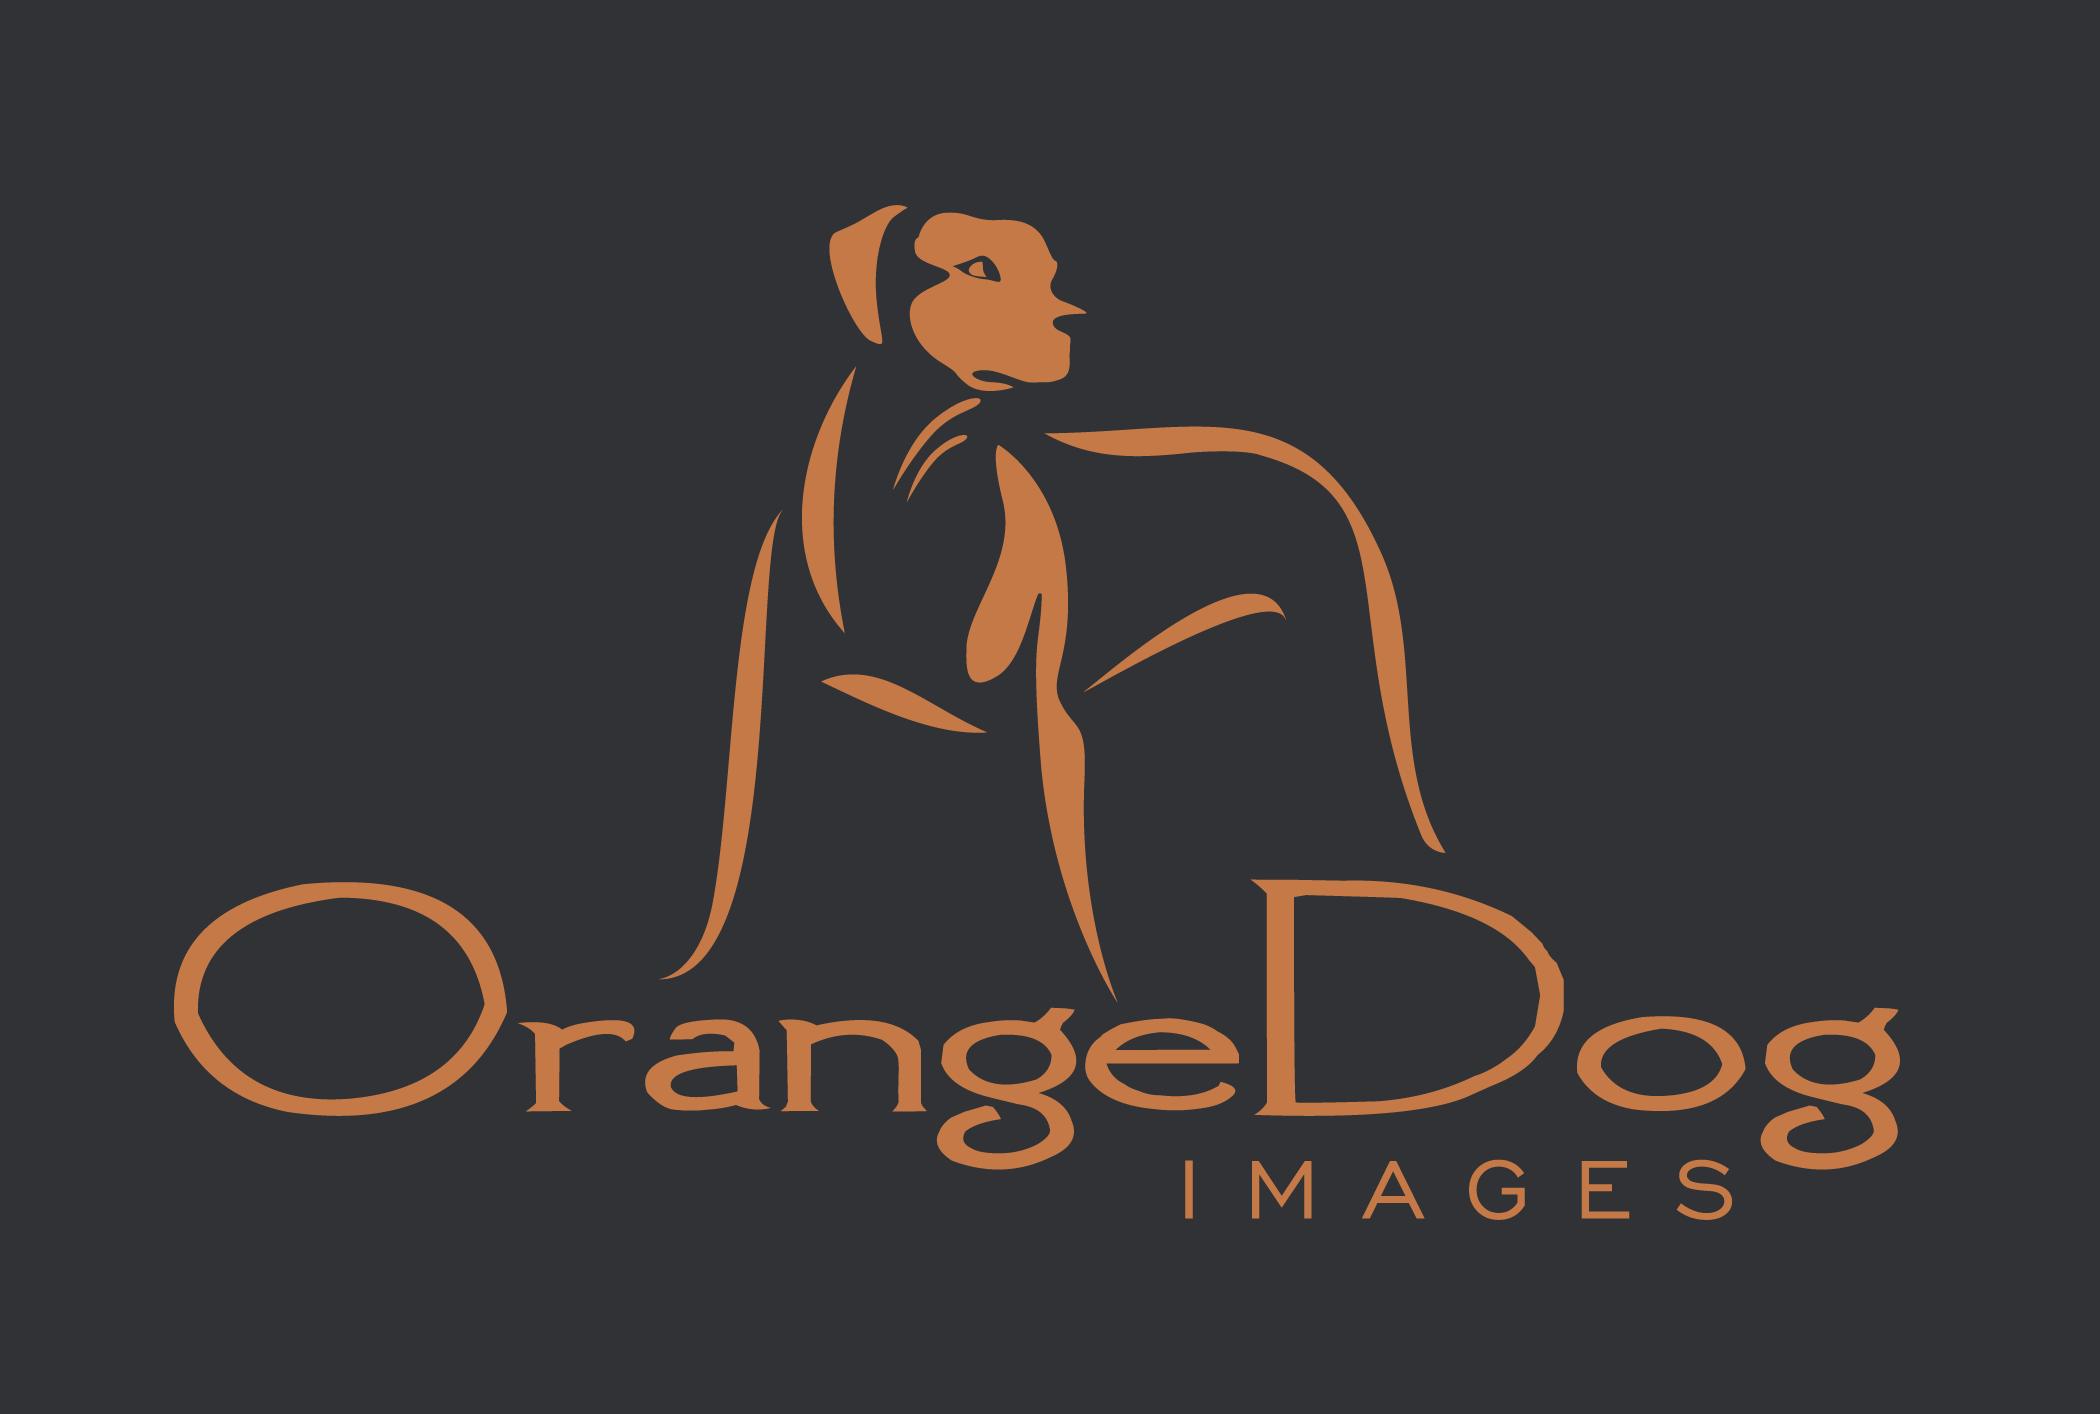 OrangeDog Images